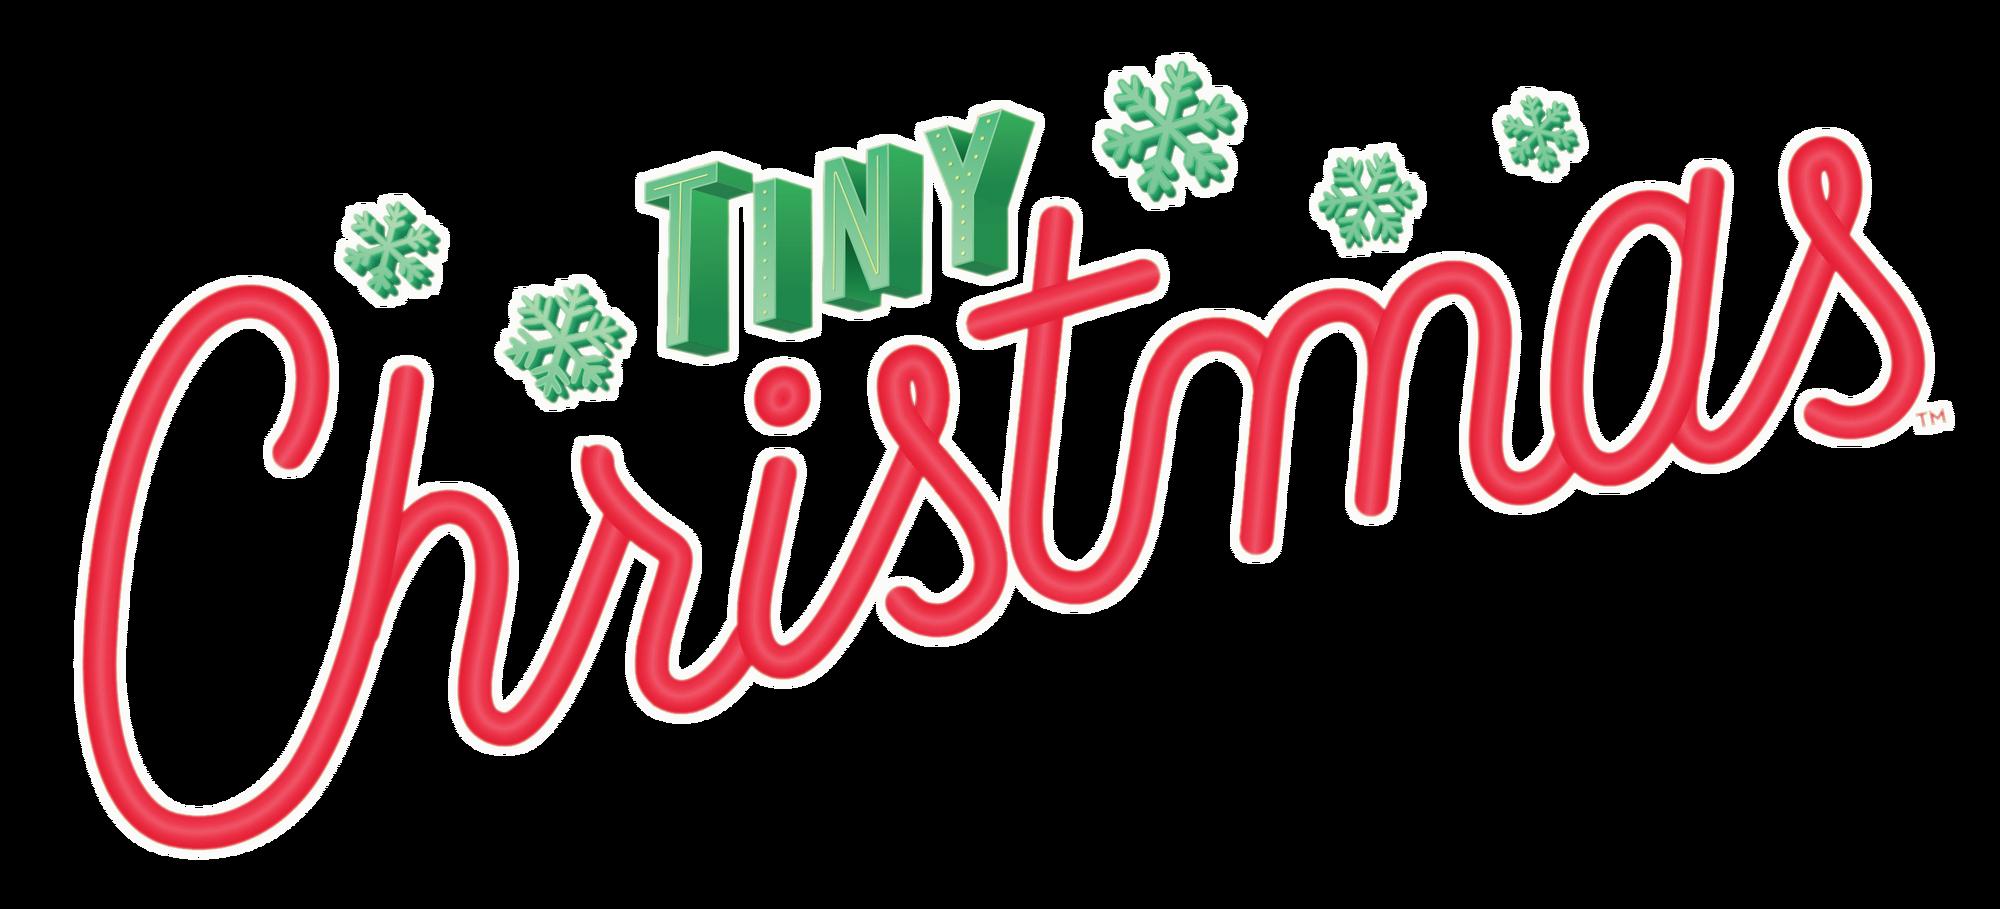 Winzige Weihnachten